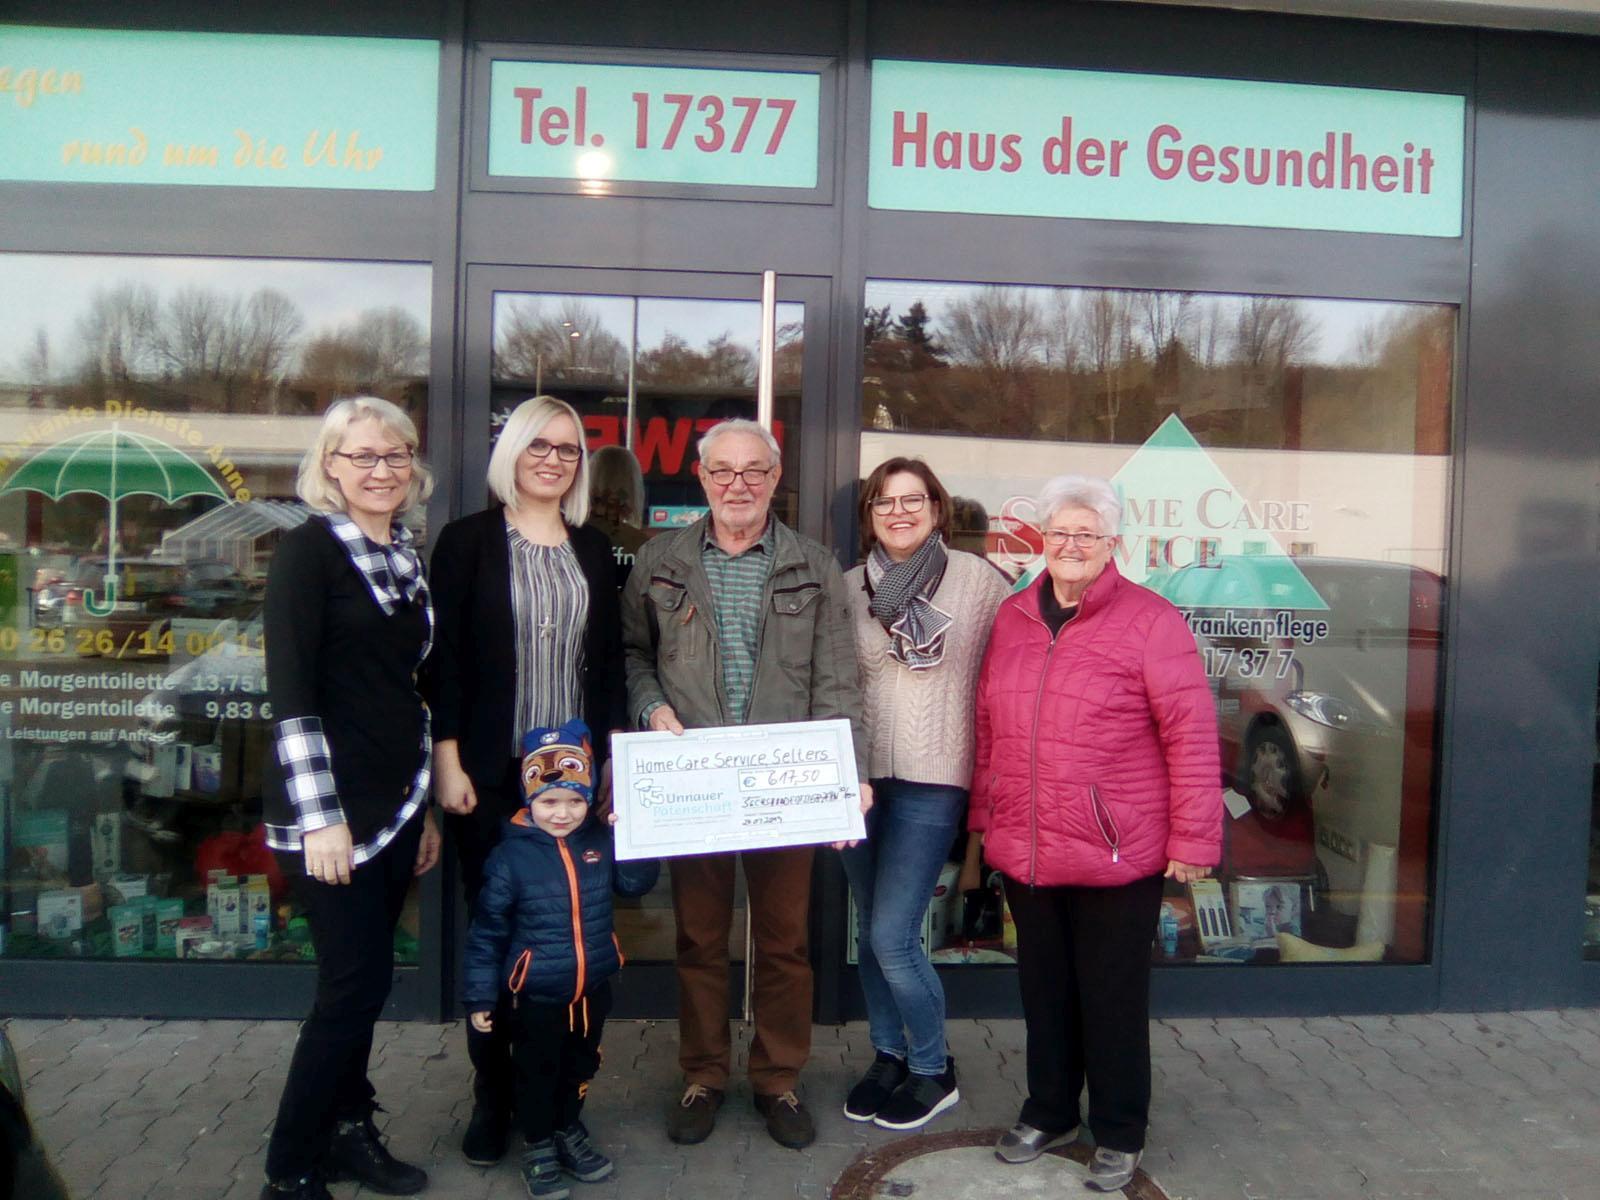 Übergabebild : Verena Janzen, Milda Heinz mit Sohn, Manfred Franz, Annegret Bromis und Ursula Eller